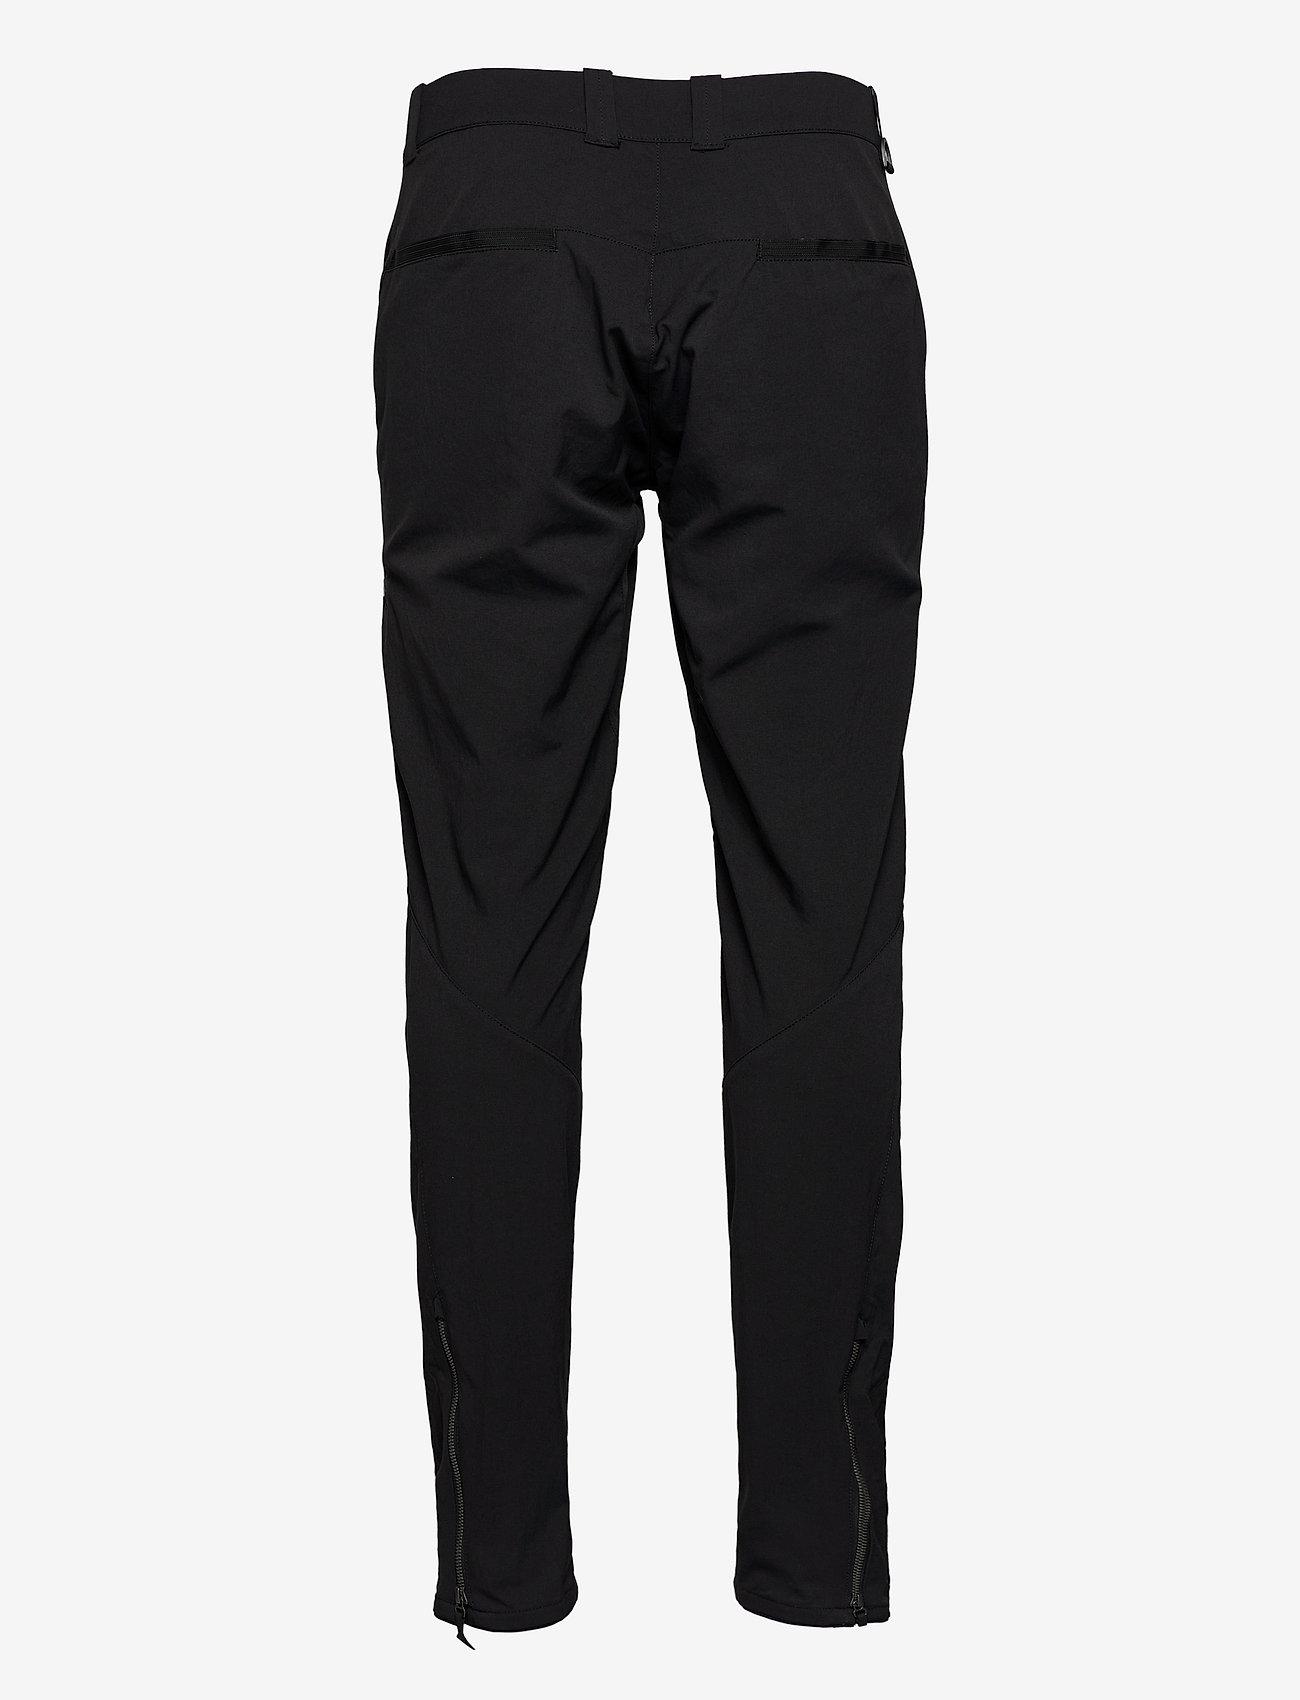 Klättermusen - Dvalin Pants M's - outdoorbukser - black - 1